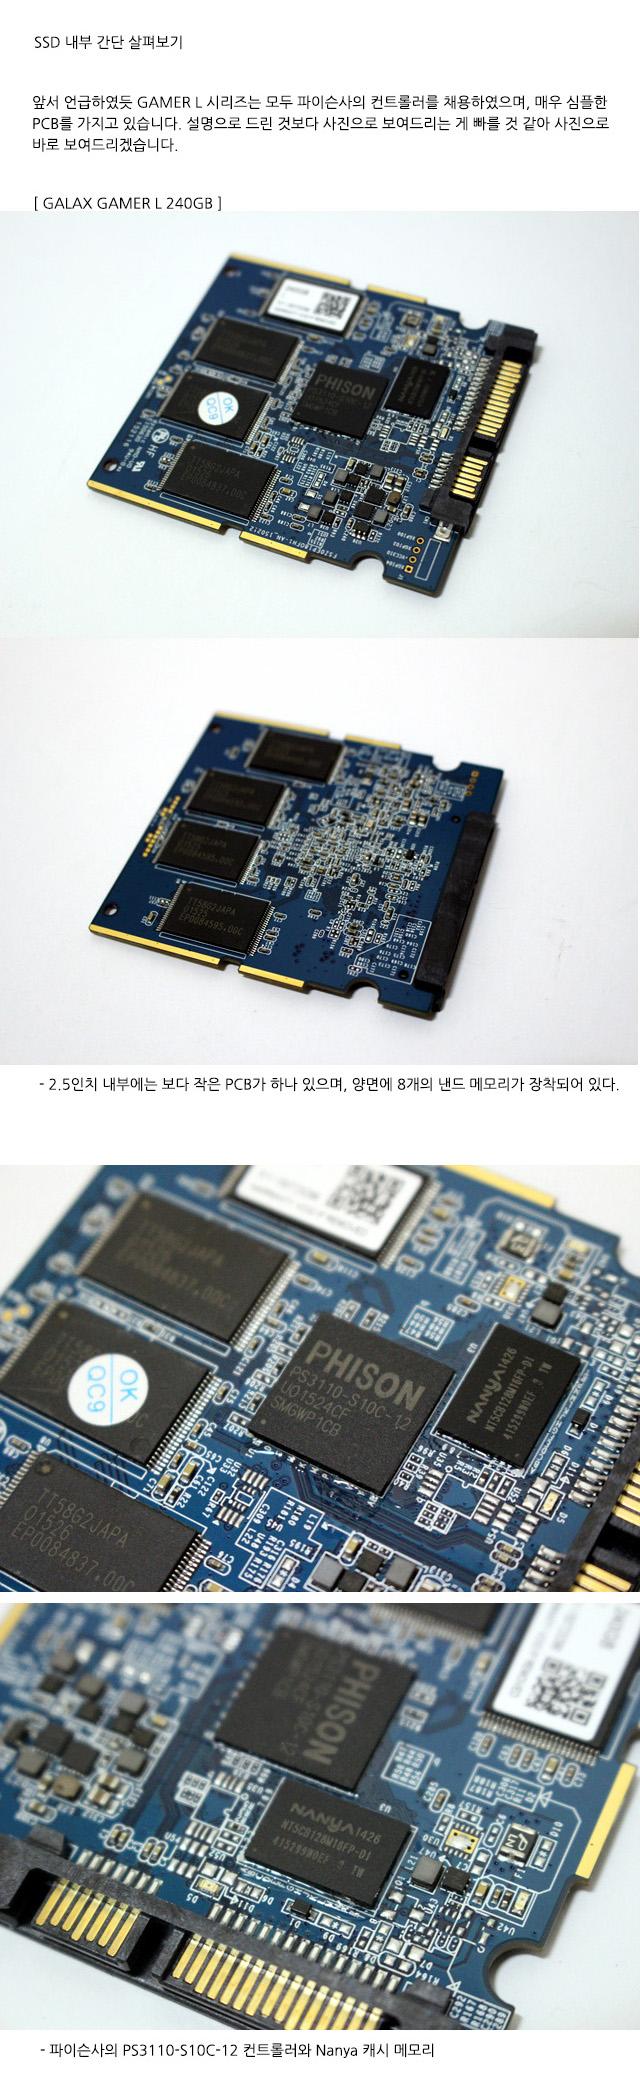 GAMER_L_SSD_04.jpg